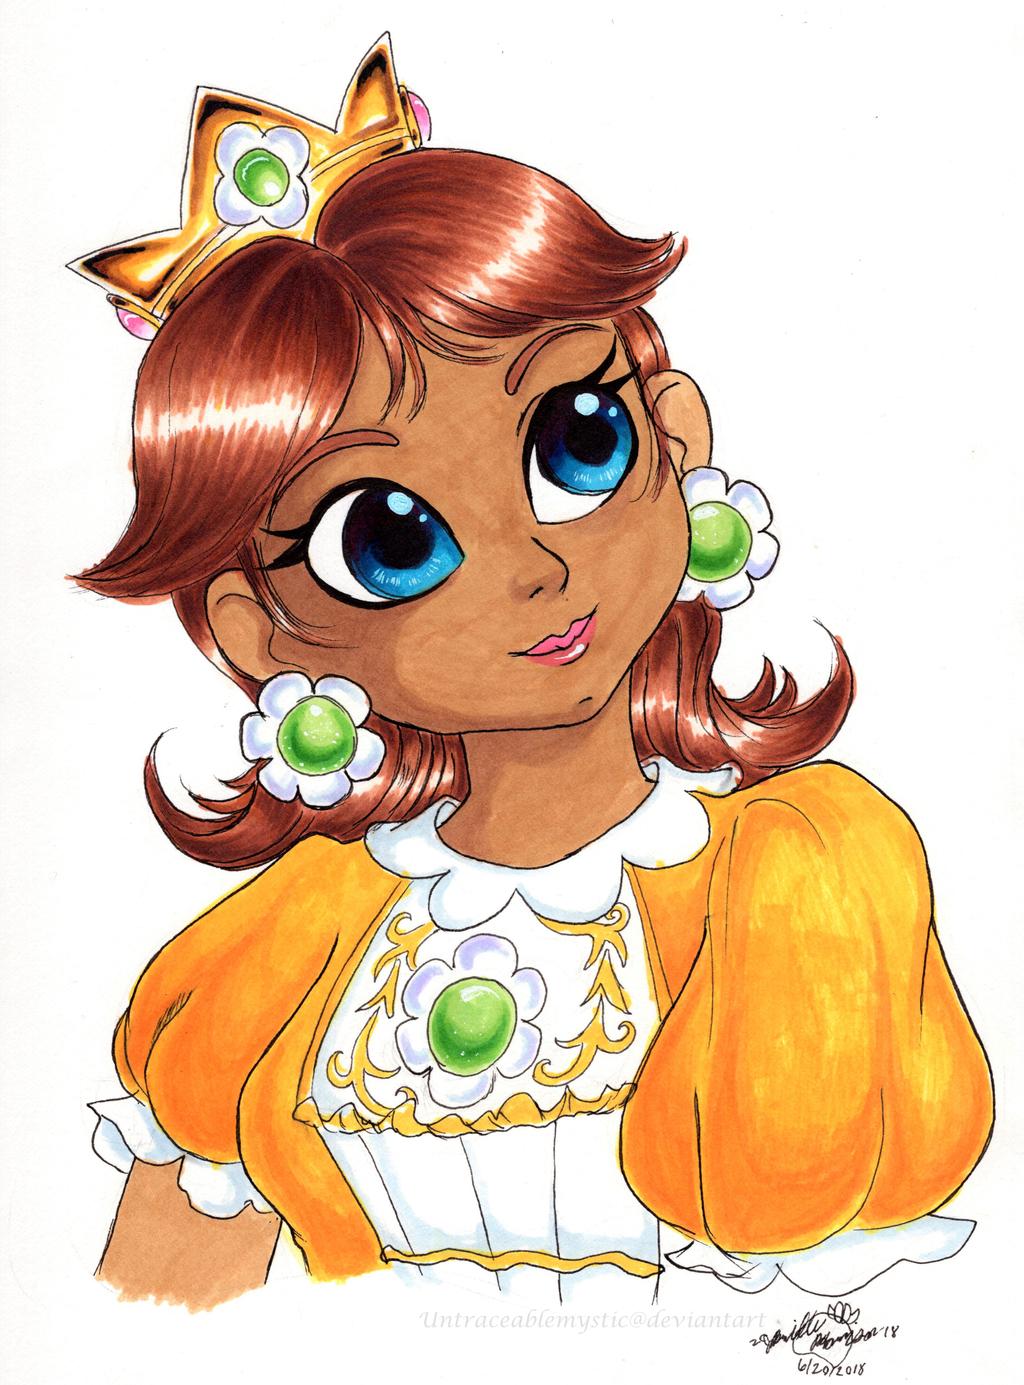 Princess of Sarasaland